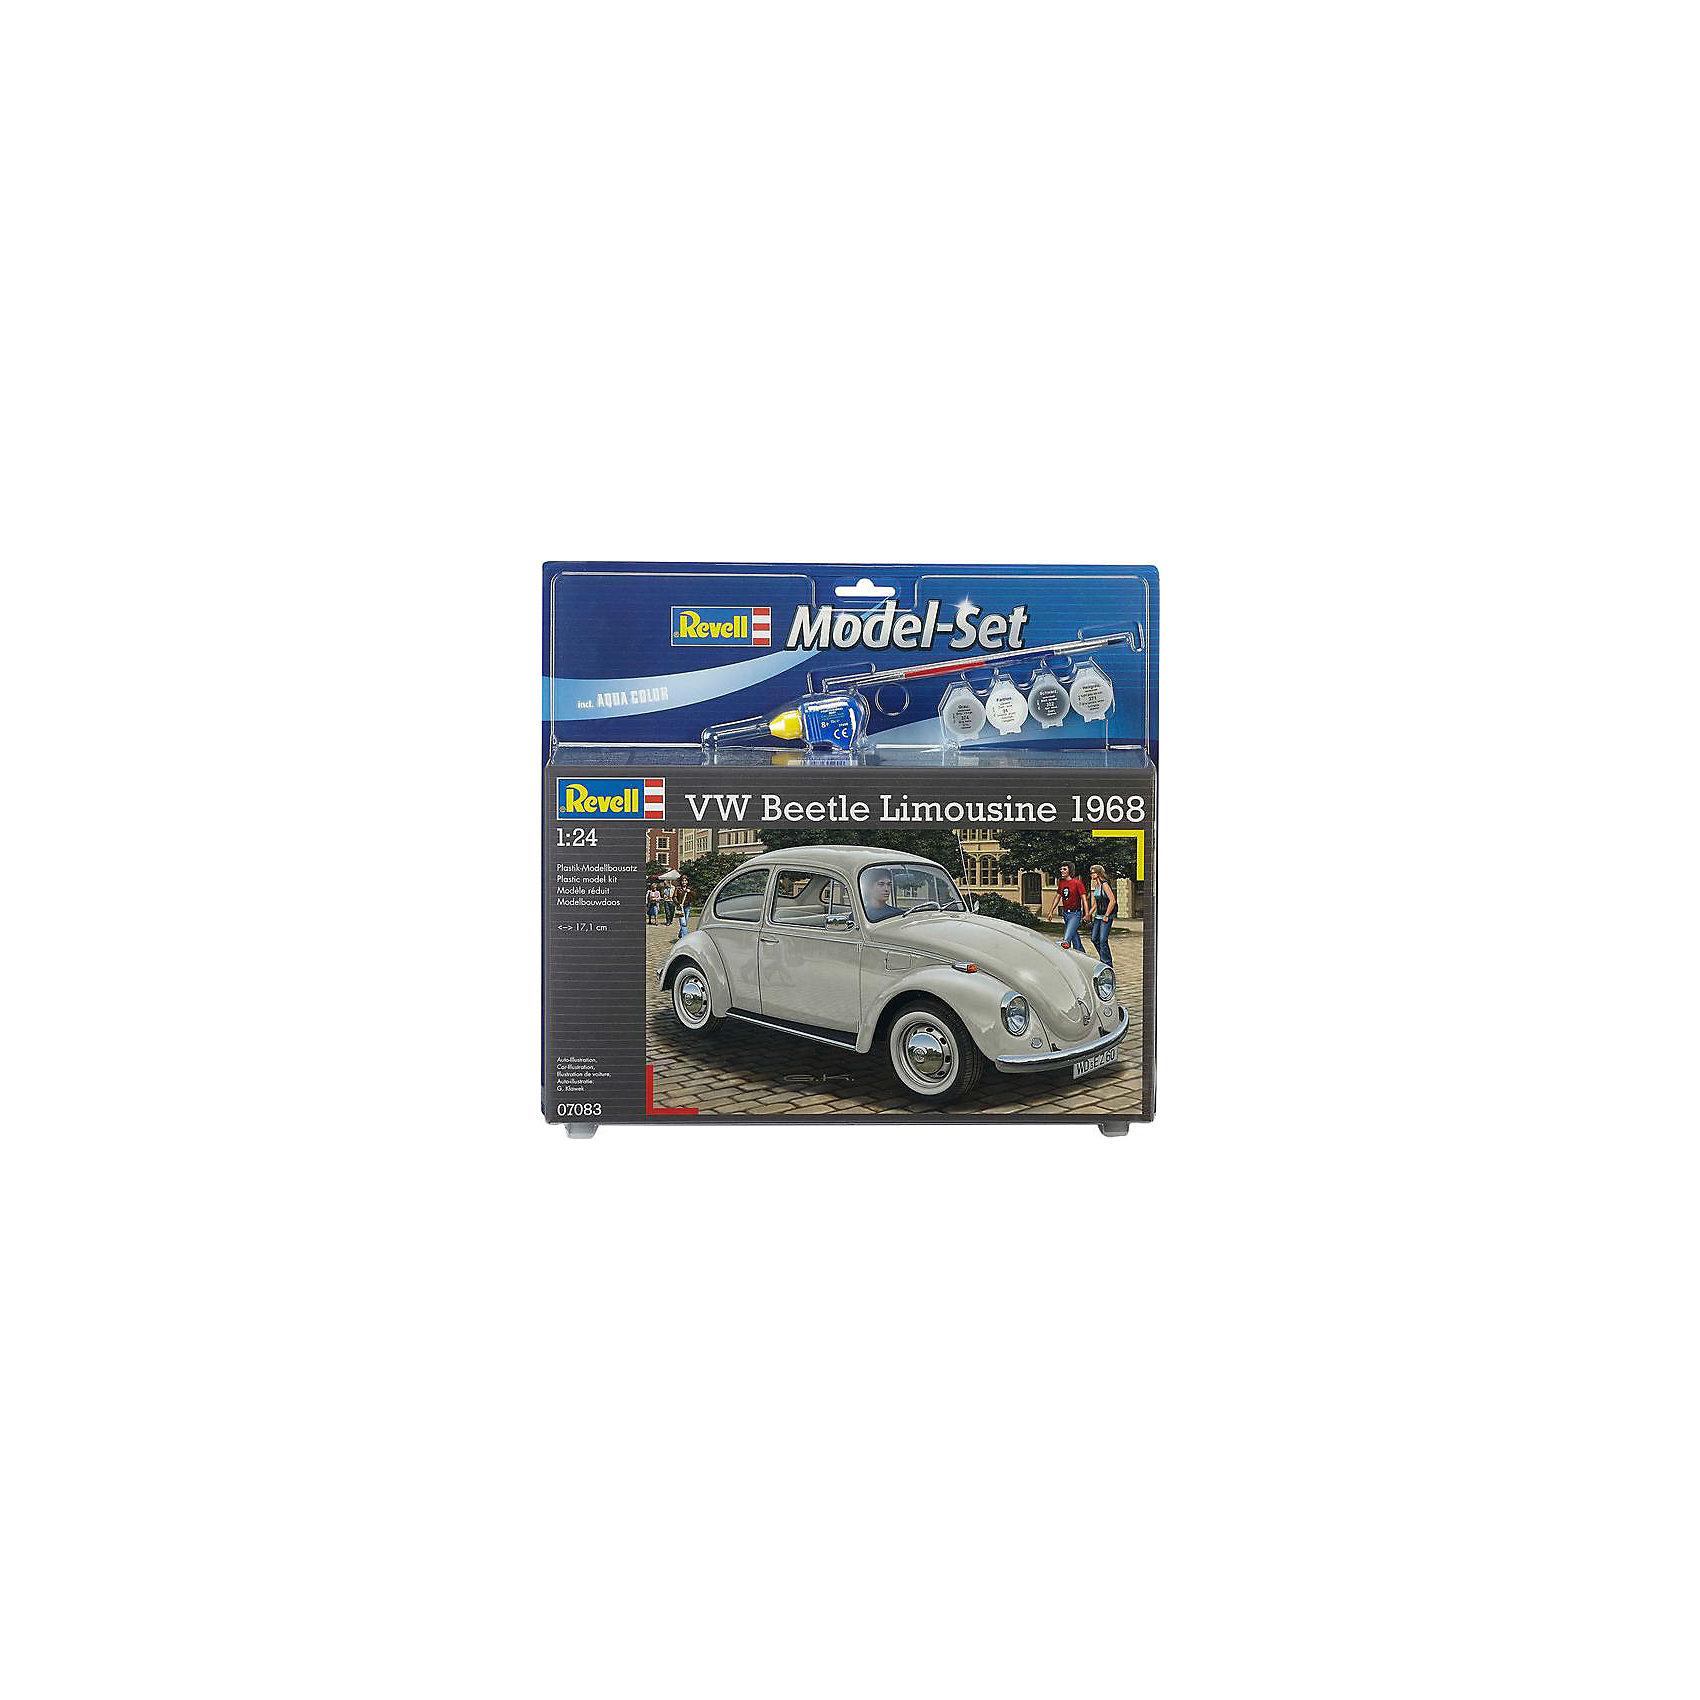 Автомобиль VW Beetle Limousine, RevellСборные модели транспорта<br>Автомобиль VW Beetle Limousine, Revell (Ревелл) – максимально детализированная модель станет украшением комнаты и дополнением коллекции.<br>Автомобиль VW Beetle Limousine 68 для бесчисленного количества людей был самым первым автомобилем. В конструкцию автомобиля постоянно вносились улучшения для сохранения его конкурентоспособности. И к 1968 году, VW Beetle Limousine достиг такого стандарта, который удерживал его впереди конкурентов многие годы. Сборная модель лимузина Фольксваген Битли является абсолютно точной уменьшенной копией своего прототипа. Модель состоит из 125 деталей, которые необходимо собрать, склеить и покрыть краской в соответствии с инструкцией. В наборе также прилагаются клей в удобной упаковке, краски и кисточка. Модель тщательно проработана. Оригинальный кузов выполнен в мельчайших подробностях, а интерьер машины с подлинной приборной панелью, отдельными передними сиденьями и одним задним превосходно детализированы. Модель может быть собрана как леворульной, так и праворульной. Макет автомобиля имеет вращающиеся колёса, которые выглядят совсем как настоящие, открывающуюся крышку капота, под которой располагается высокодетализированный четырёхцилиндровый двигатель. А для ещё большей достоверности, некоторые части модели хромированы. Разработанная для детей от 10 лет, сборная модель VW Beetle Limousine, определённо, принесёт массу положительных эмоций и взрослым любителям моделирования. Моделирование считается одним из наиболее полезных хобби, ведь оно развивает интеллектуальные и инструментальные способности, воображение и конструктивное мышление.<br><br>Дополнительная информация:<br><br>- Возраст: для детей старше 10-и лет<br>- В наборе: комплект пластиковых деталей для сборки модели, декаль (наклейки), набор красок, кисточка, клей, резиновые покрышки, схема для окрашивания модели, инструкция<br>- Количество деталей: 125 шт.<br>- Масштаб: 1:24<br>- Длина модели: 171 мм.<br>- Урове